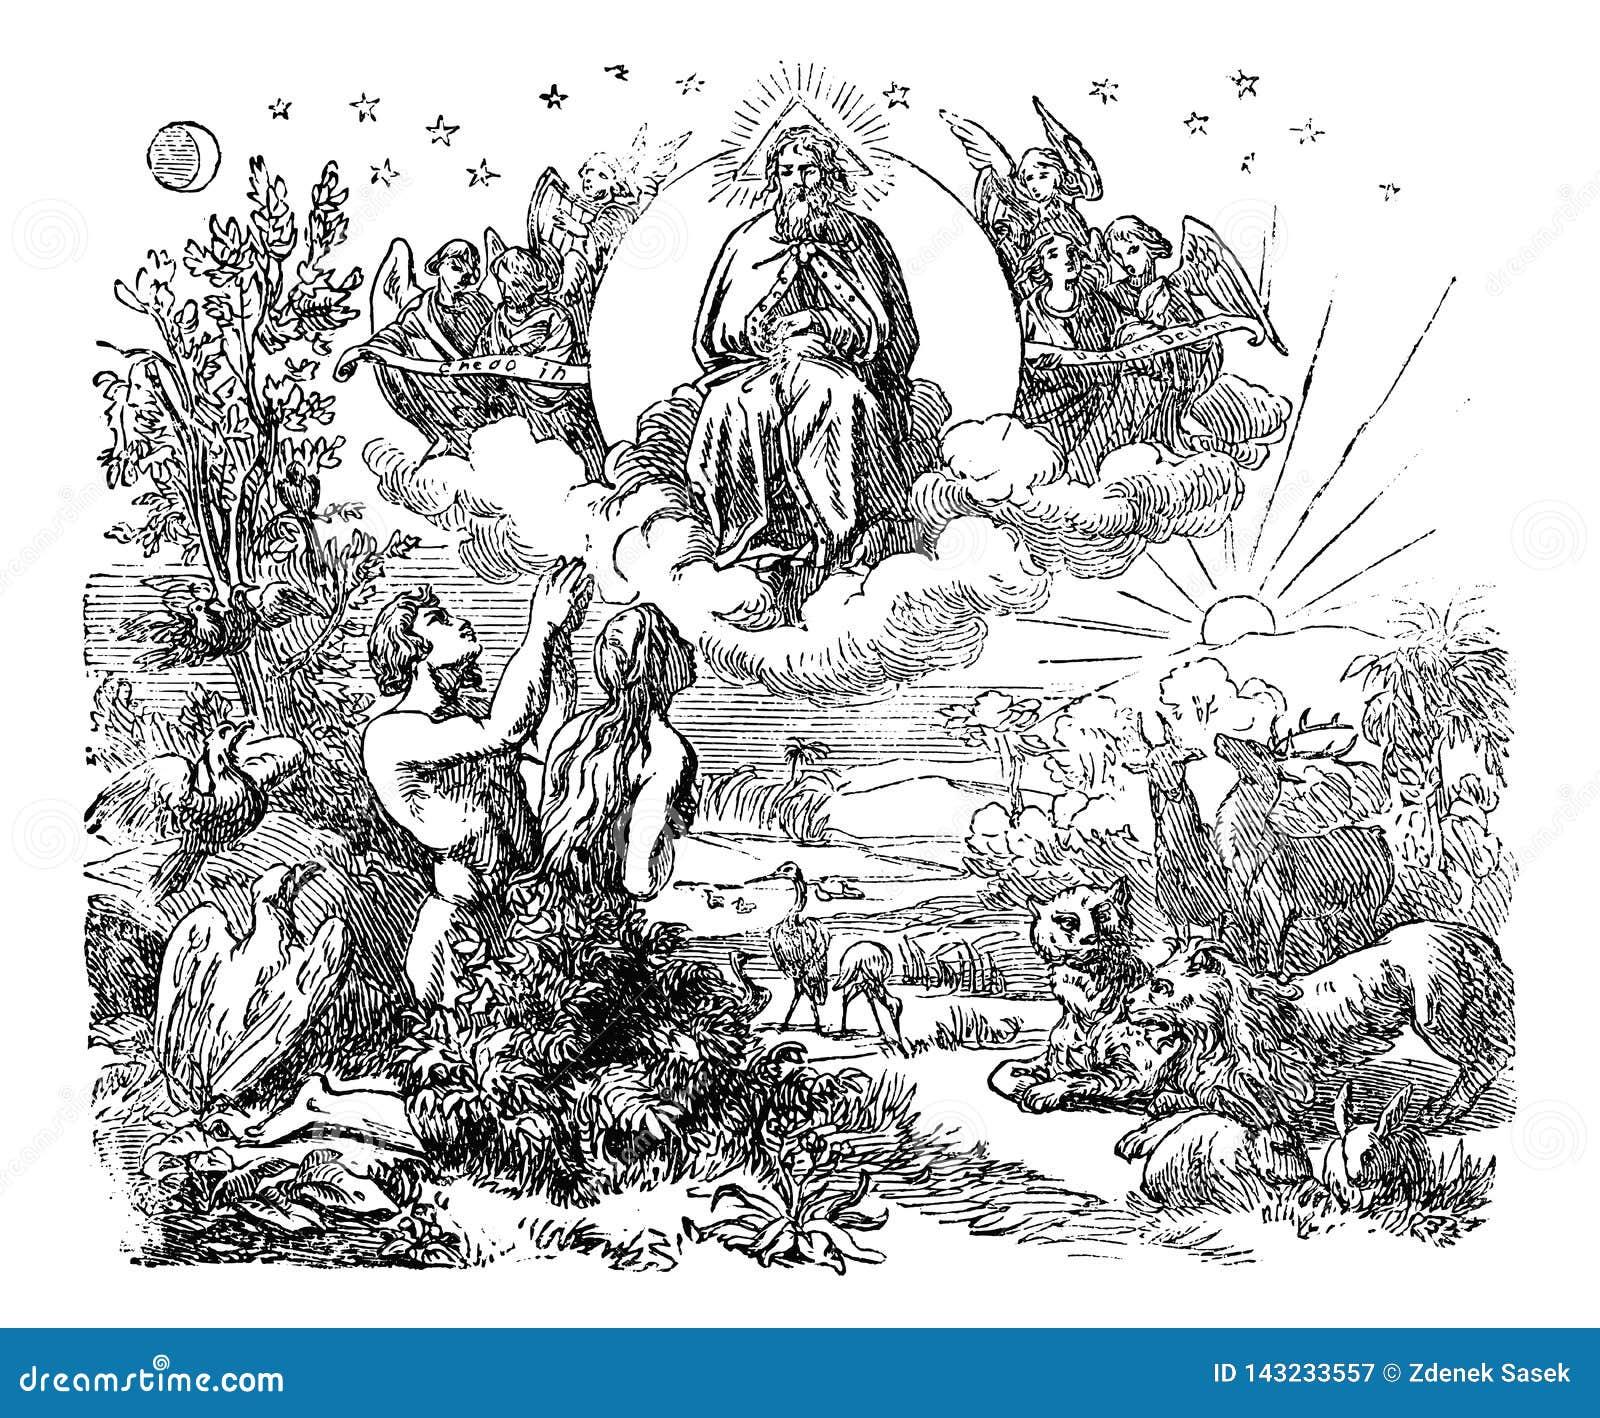 Desenho Do Vintage Do Mundo Biblico E Jardim De Eden Created Pelo